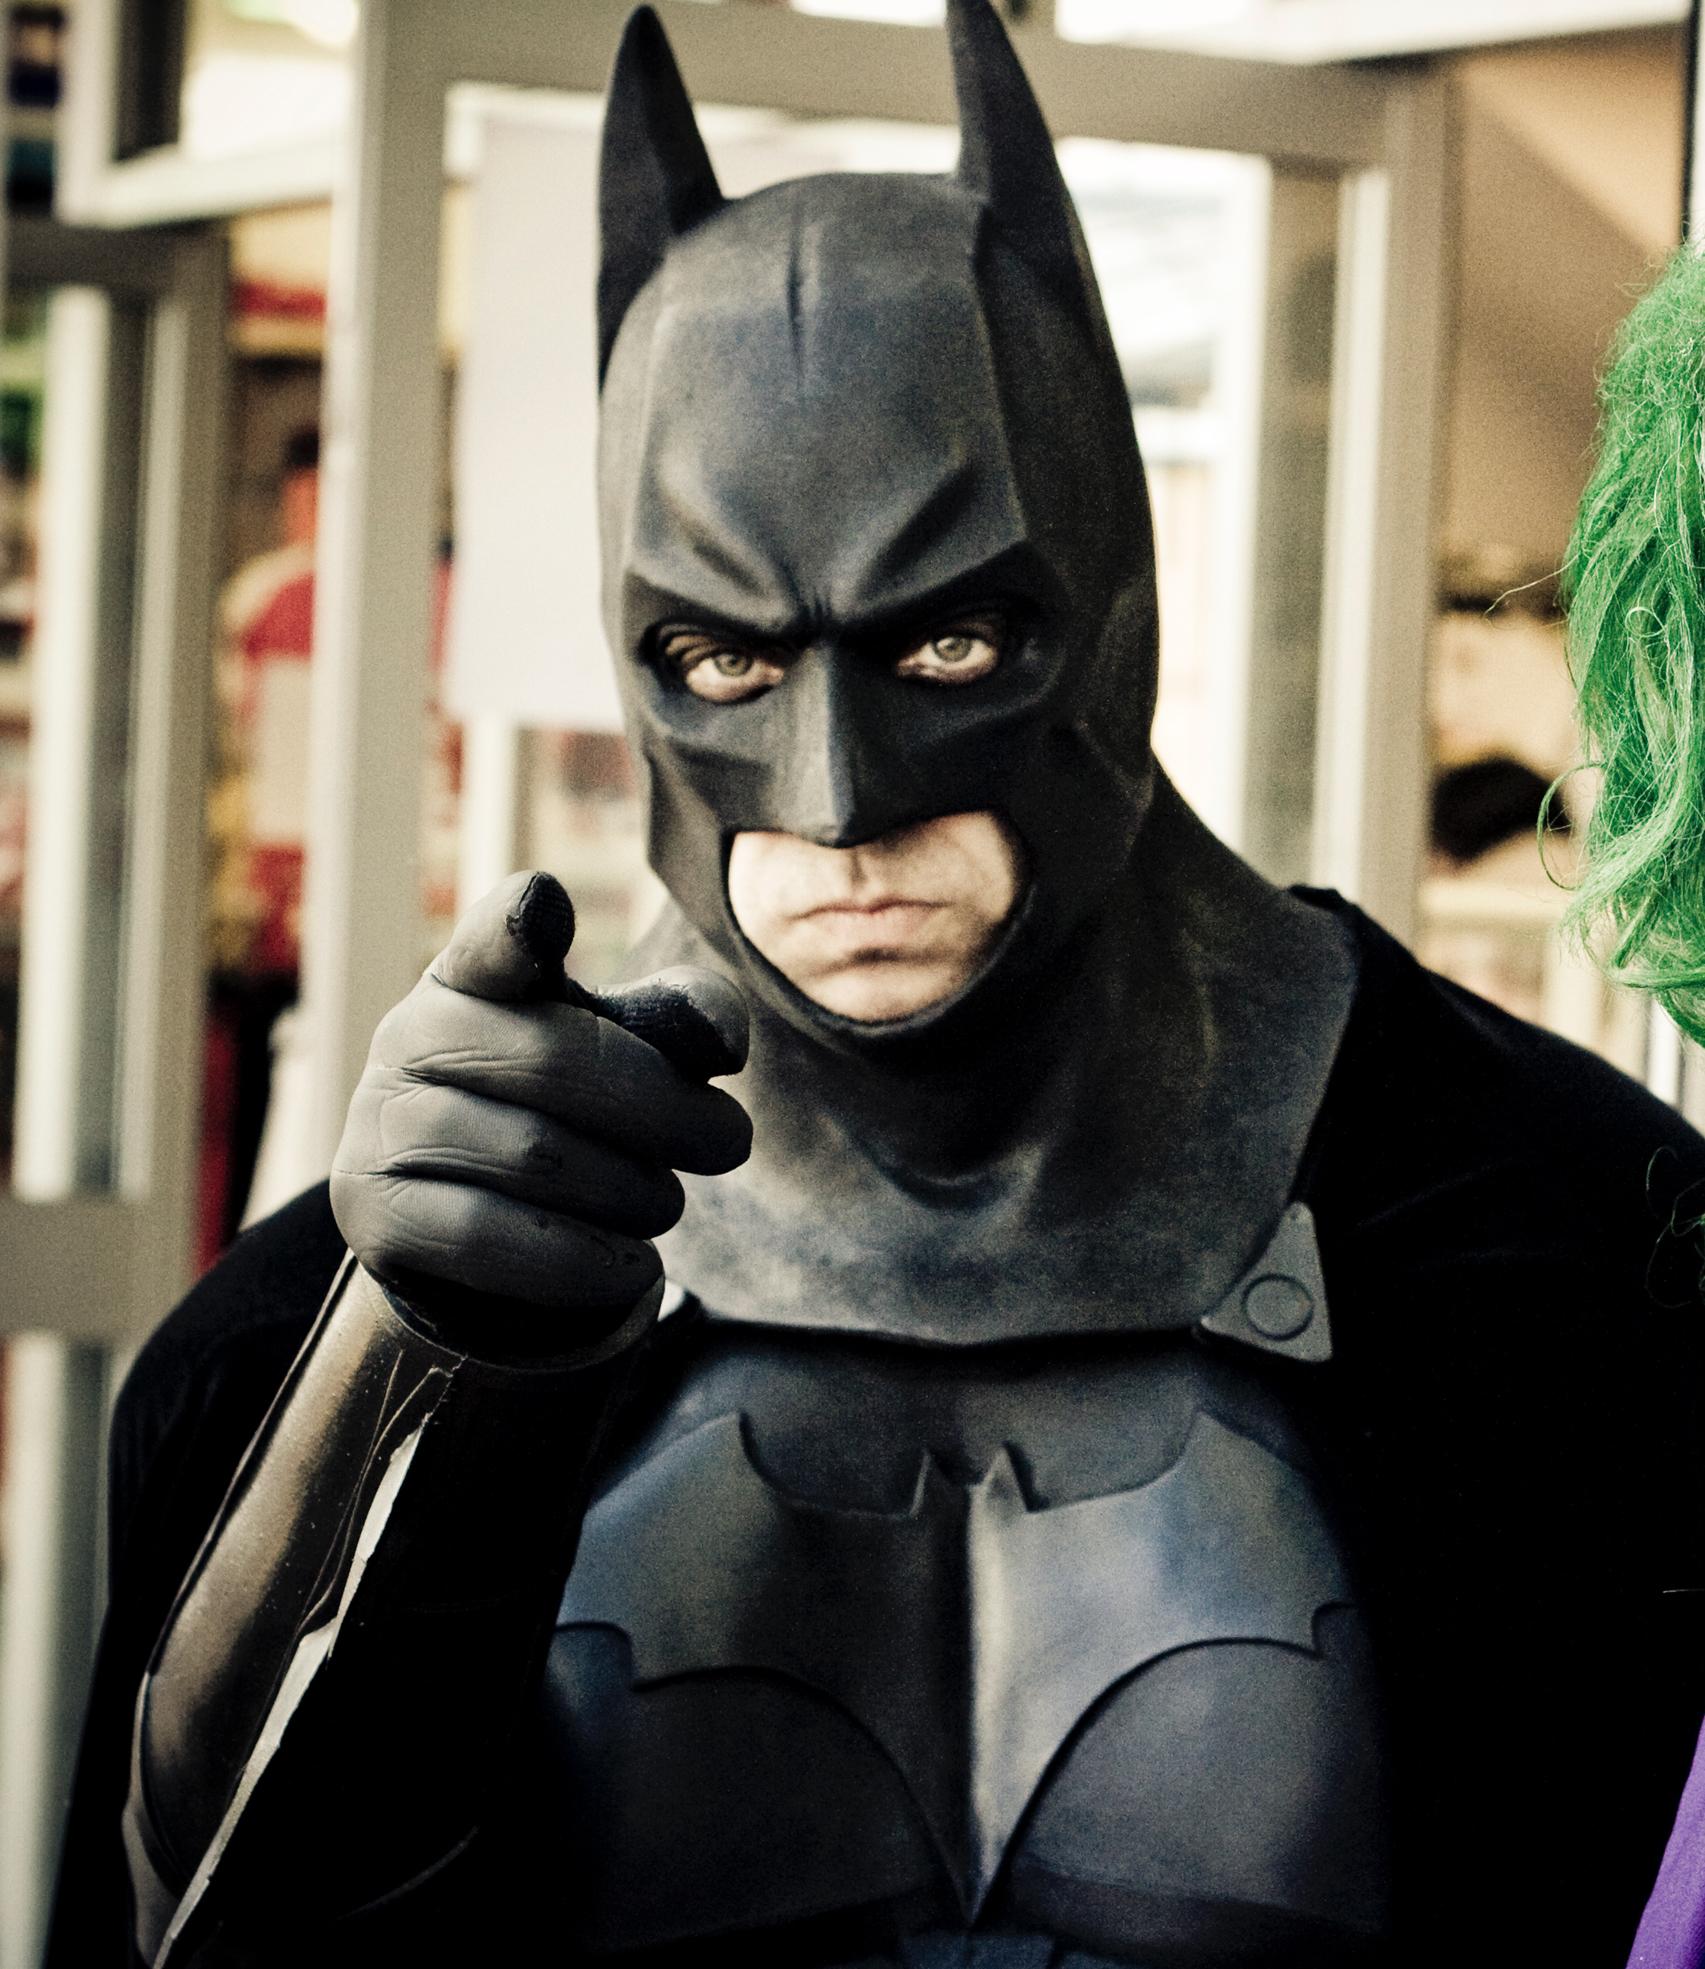 Костюм бэтмен для мальчика своими руками фото фото 63